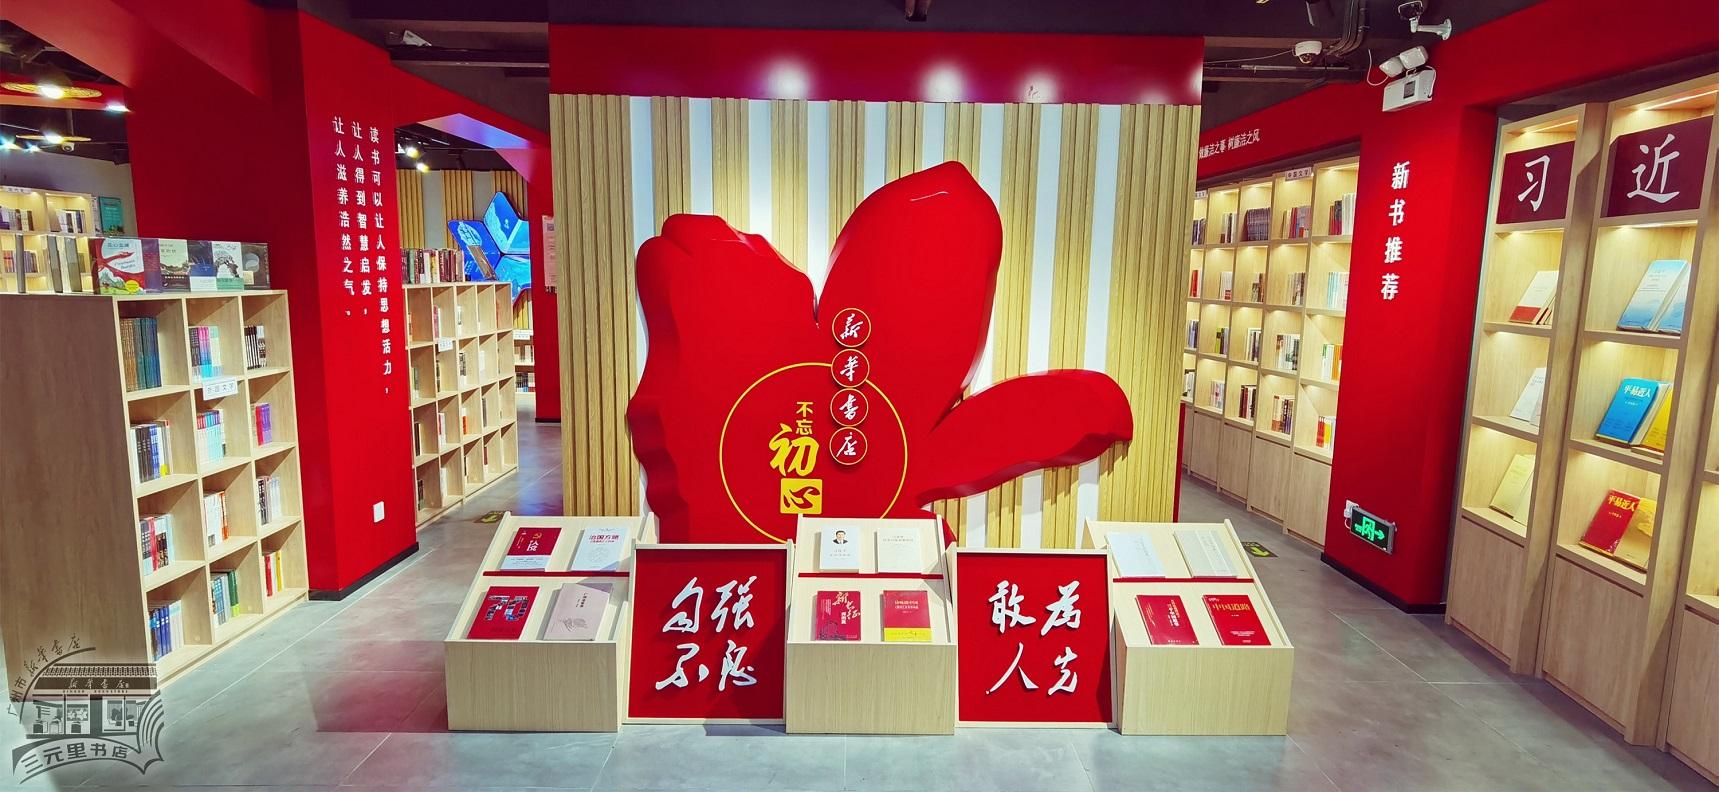 5首頁-三元里書店